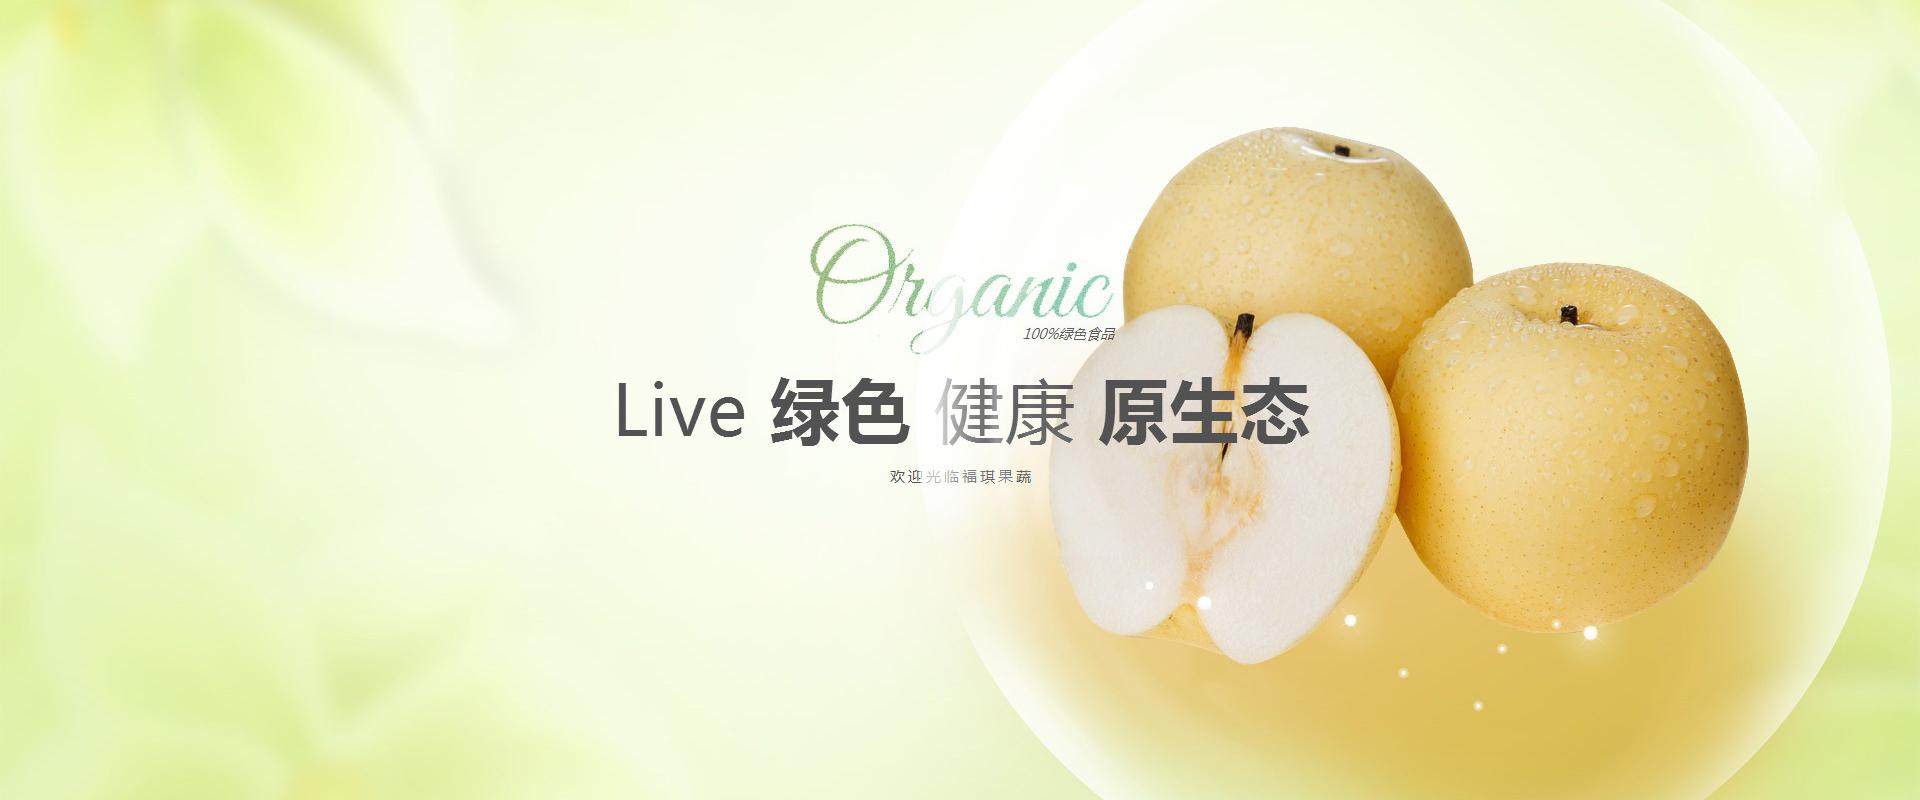 广东某某水果基地有限责任公司